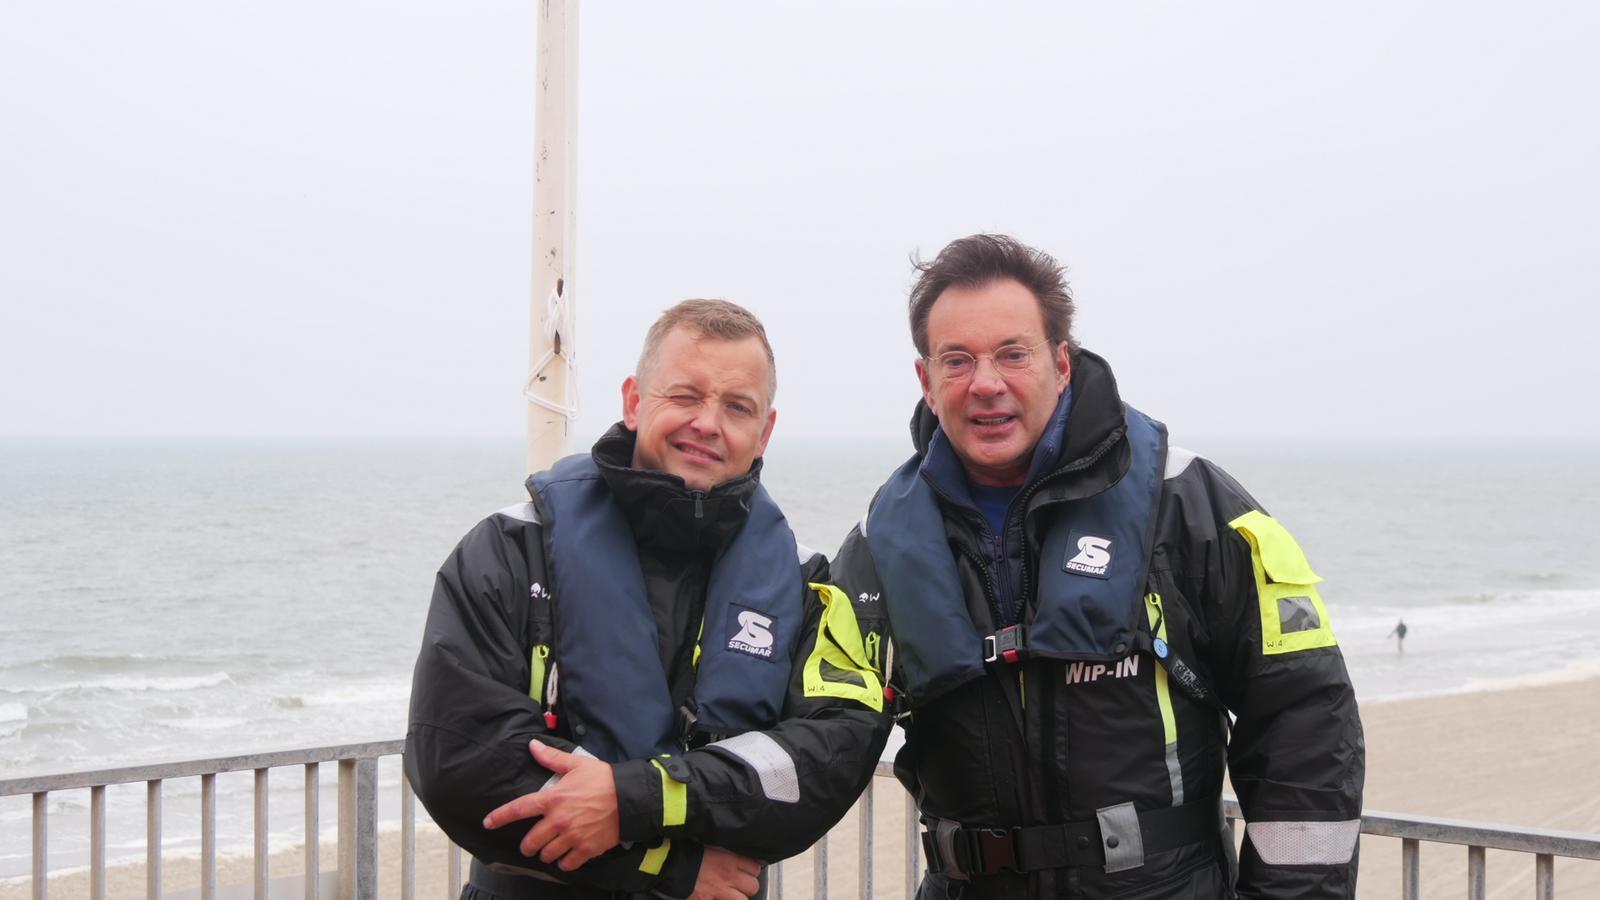 Met Gerard Joling is het altijd lachen. Ook tijdens een bloedserieuze oefening van de reddingsbrigade in Callantsoog. 'Het was weer eens wat anders', aldus 'Geer' [video]